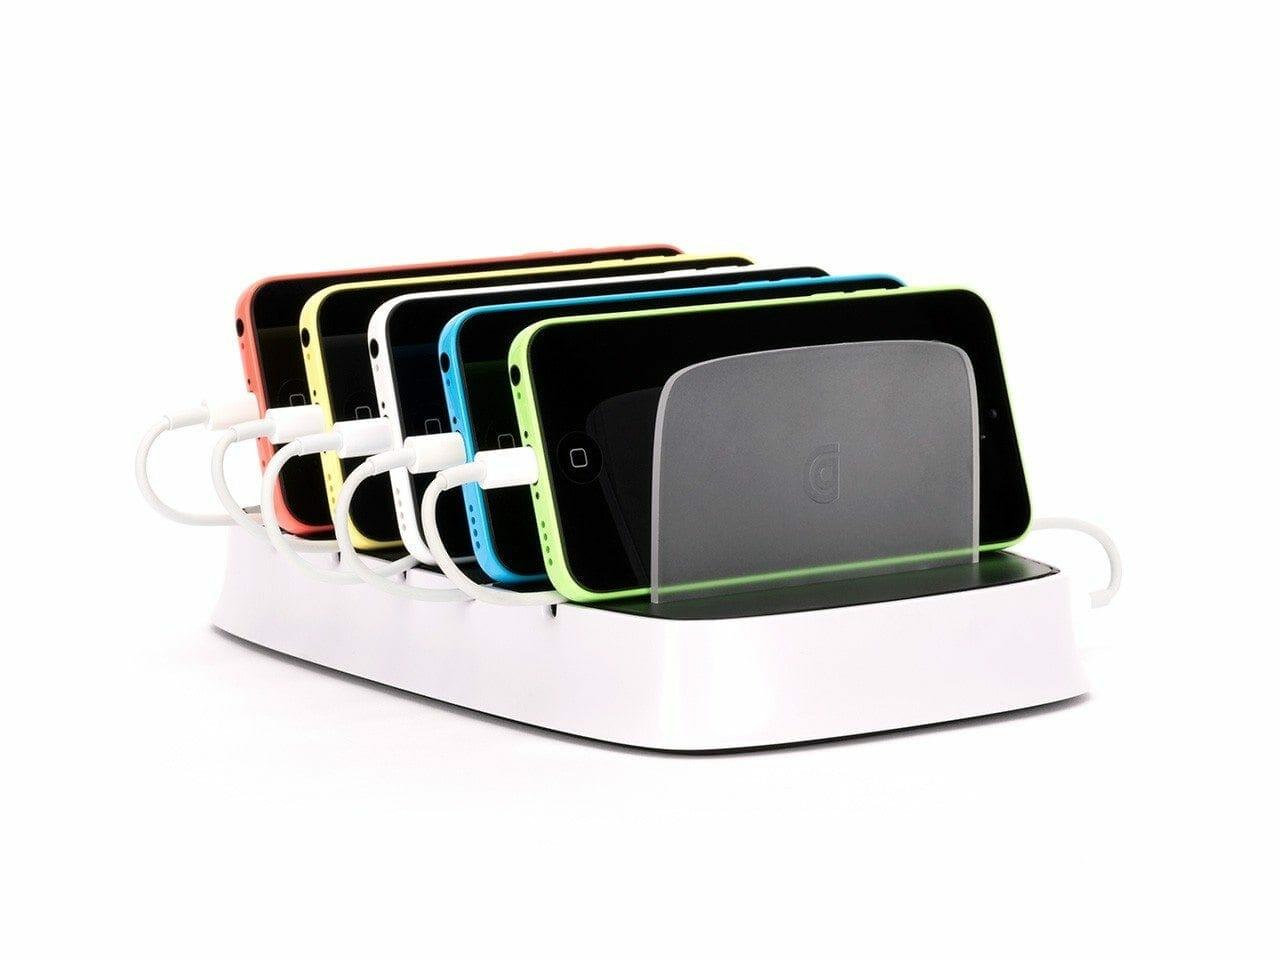 powerdock-5-device-charger-iphones